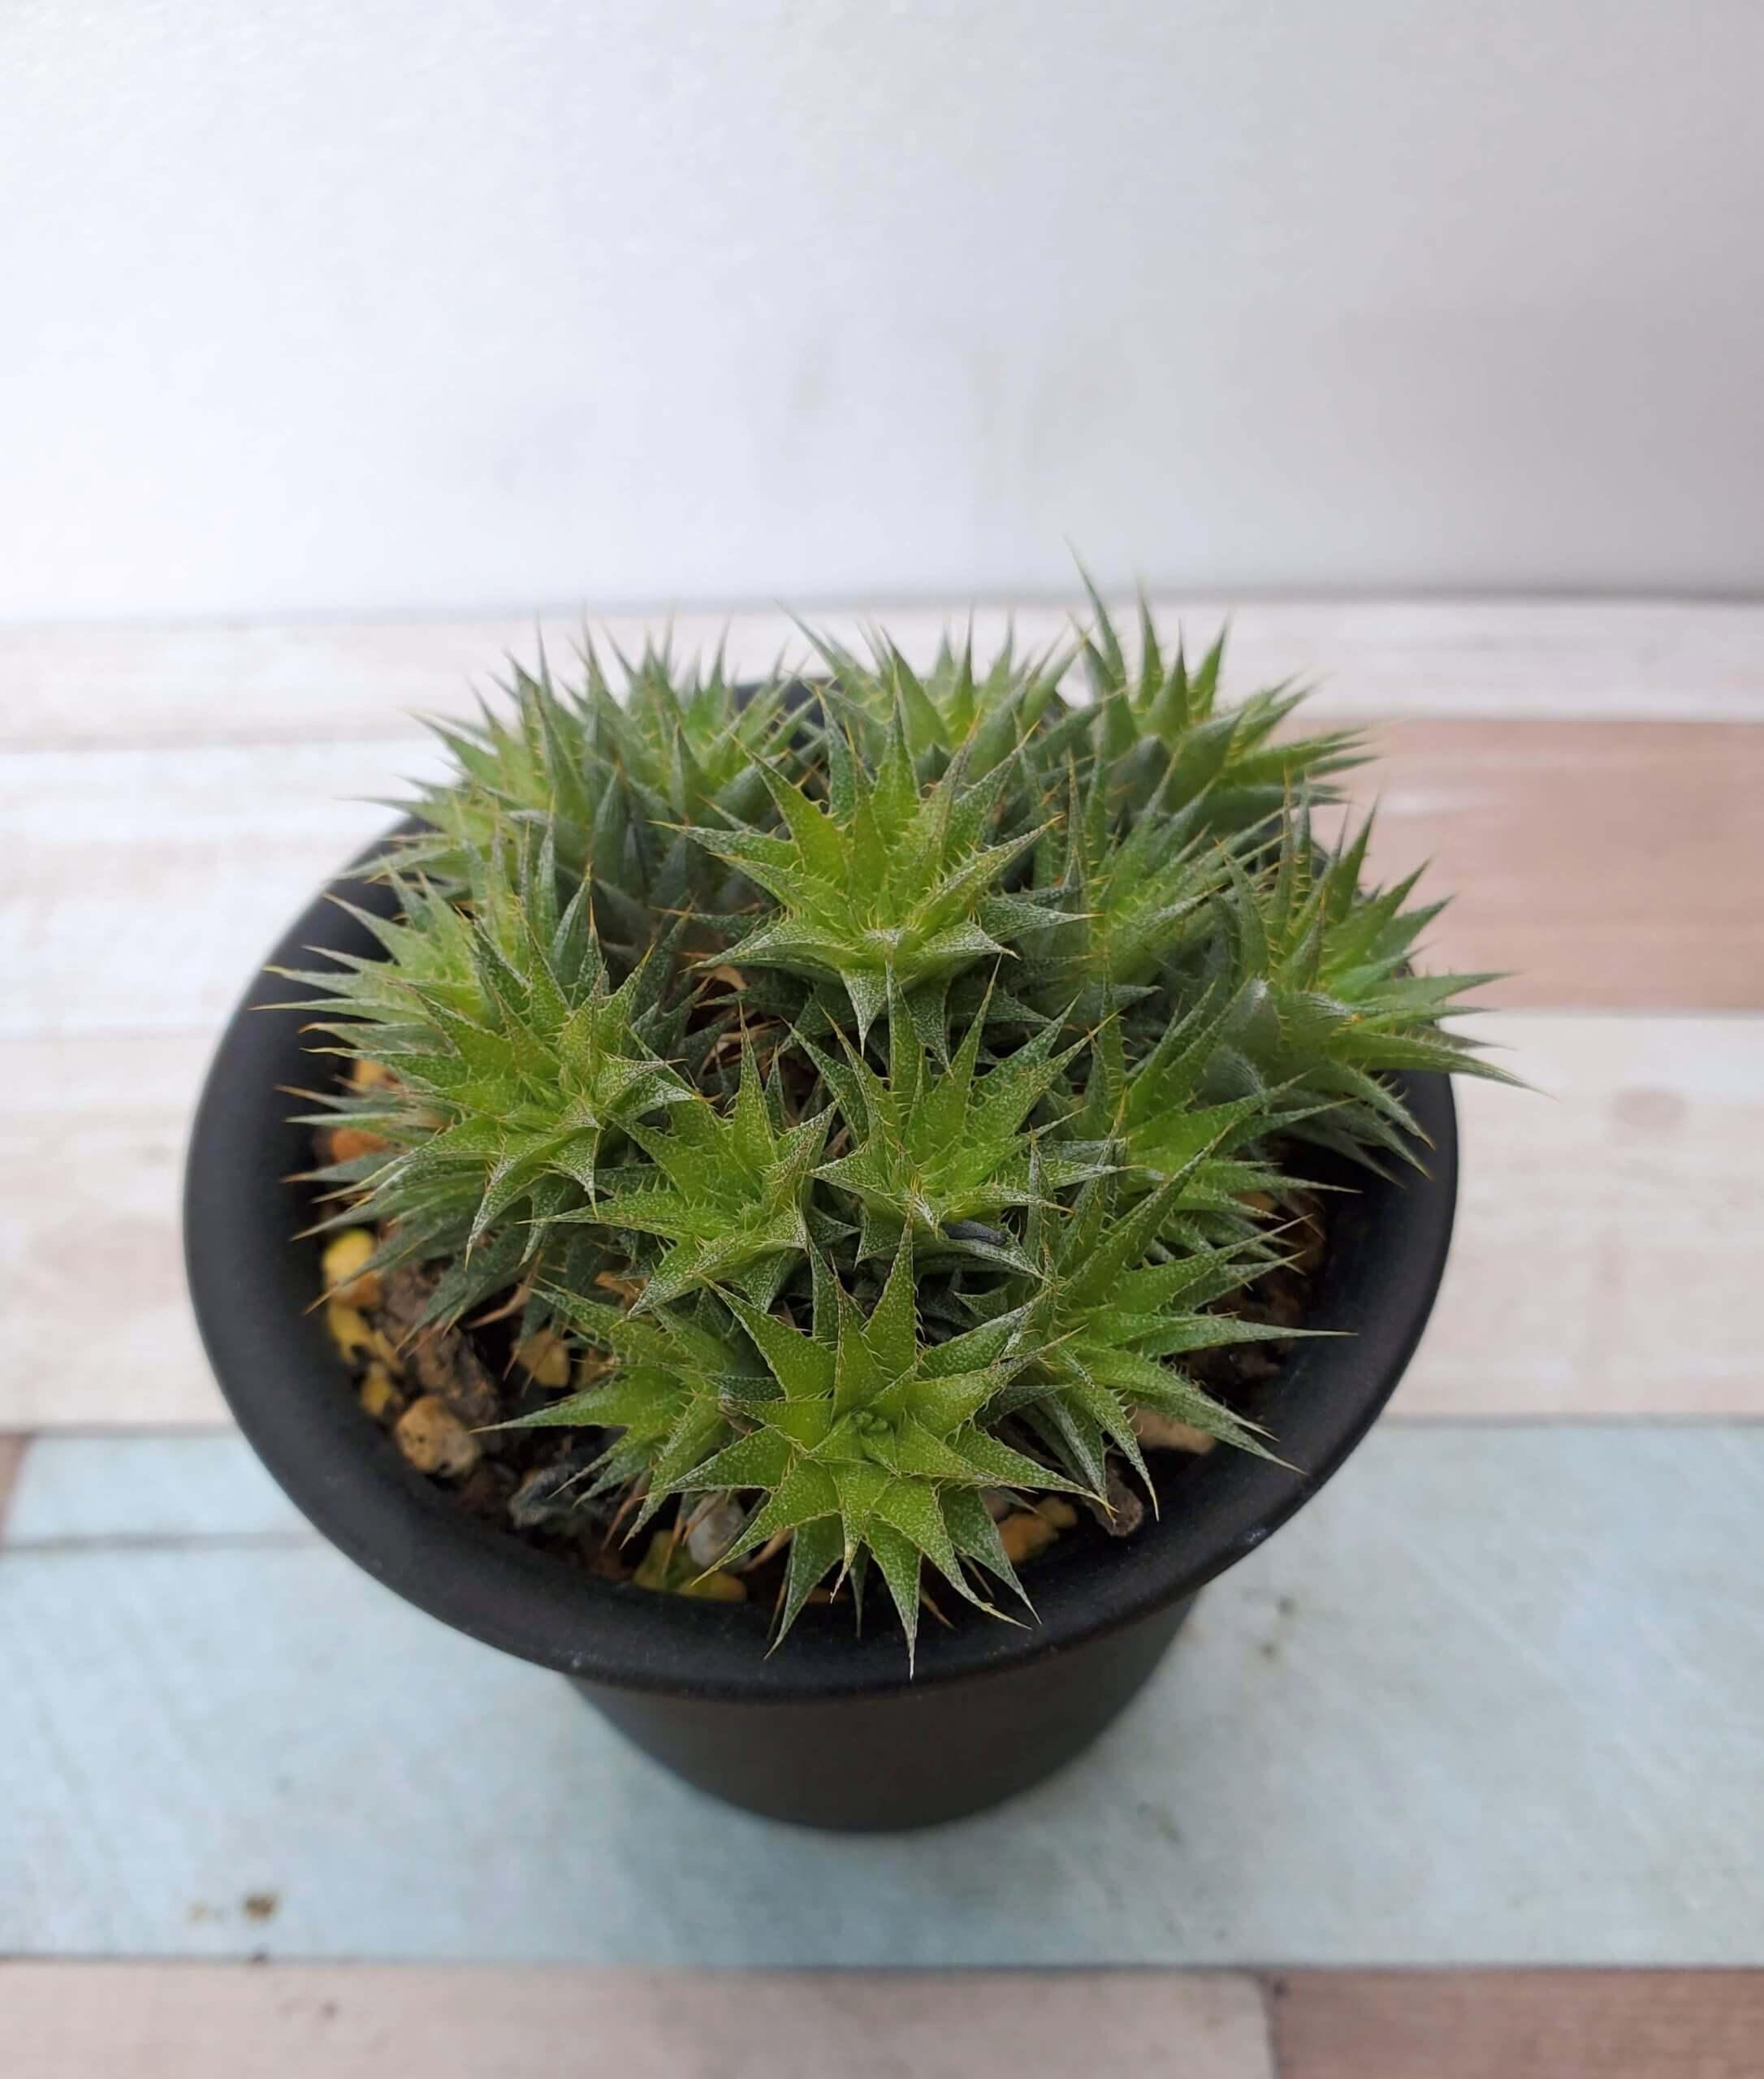 デウテロコニア ブレビフォリア ssp. クロランサ 私の【多肉植物の育て方】